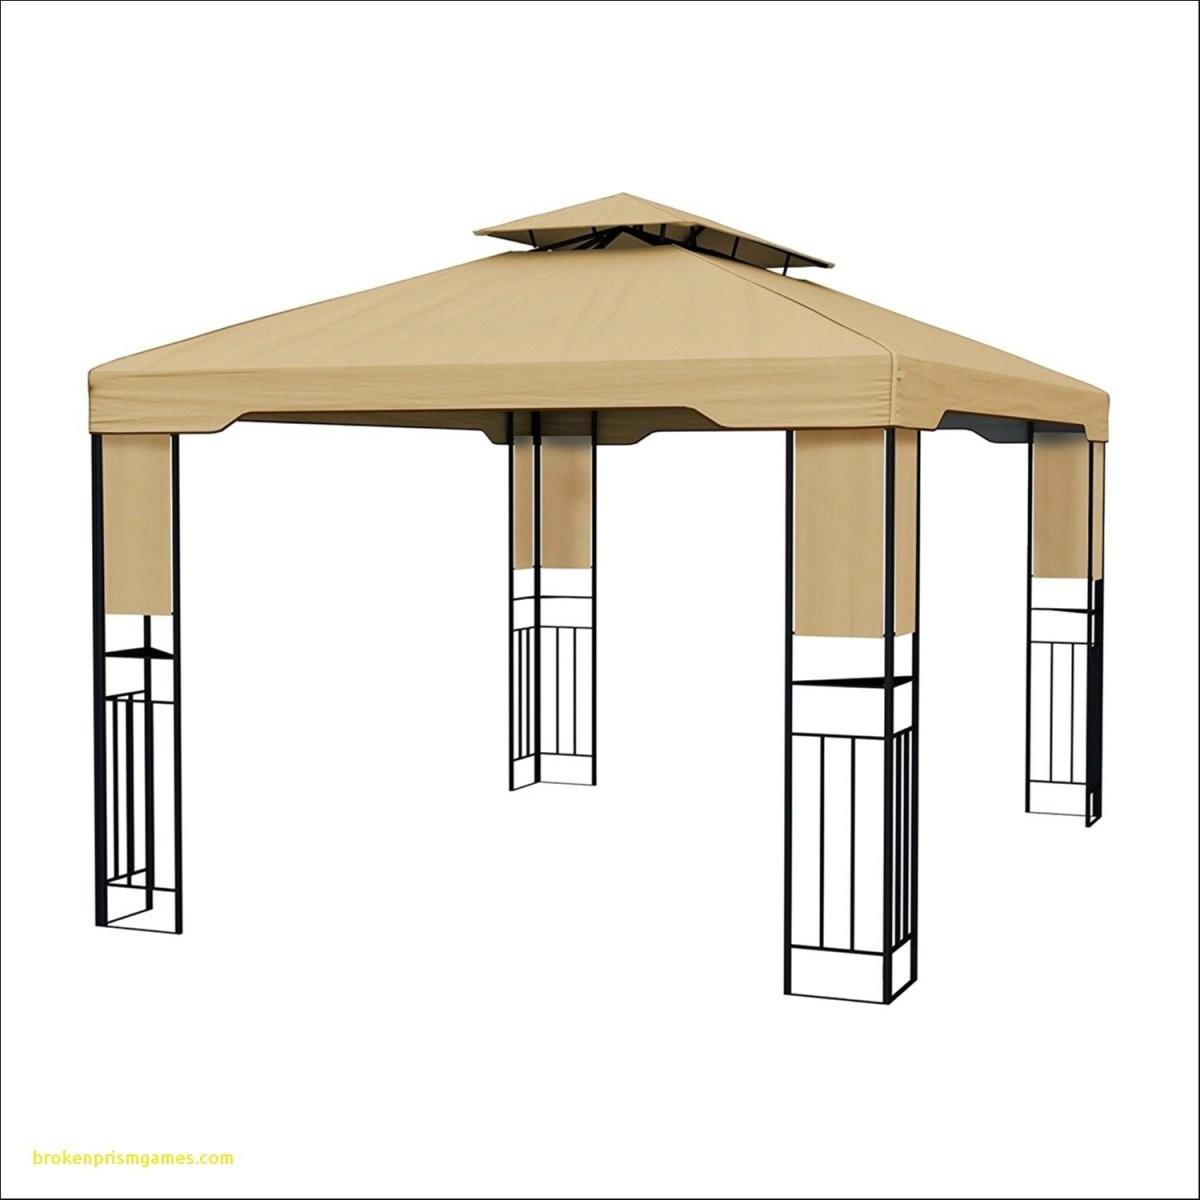 Pavillon 3X3M Wasserdicht Für Ideen Pavillon 3X4 Festes Dach von Pavillon Dach 3X3M Wasserdicht Photo